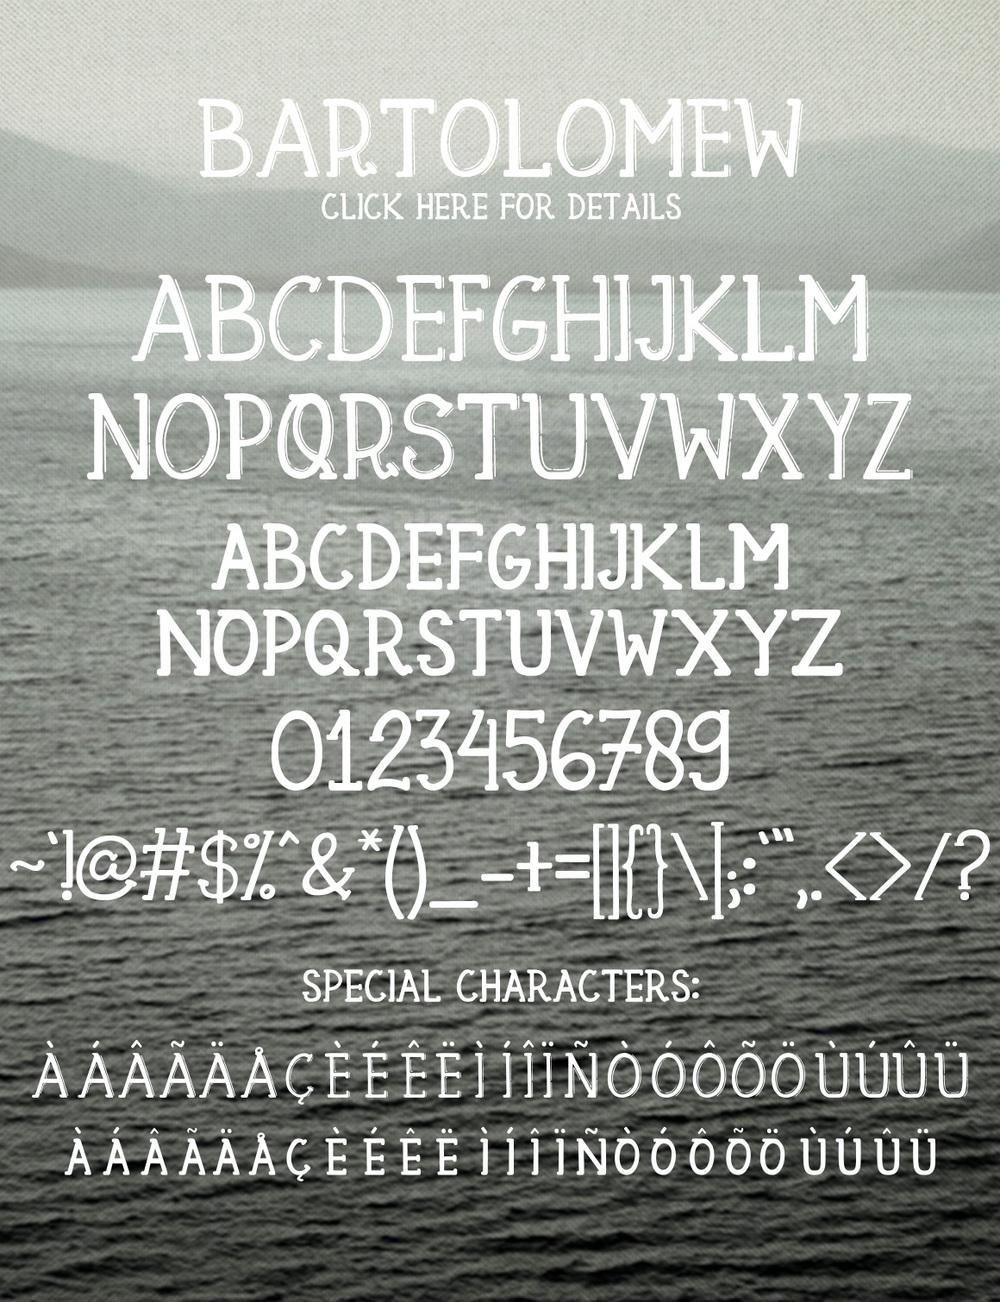 Bartolomew Font 6